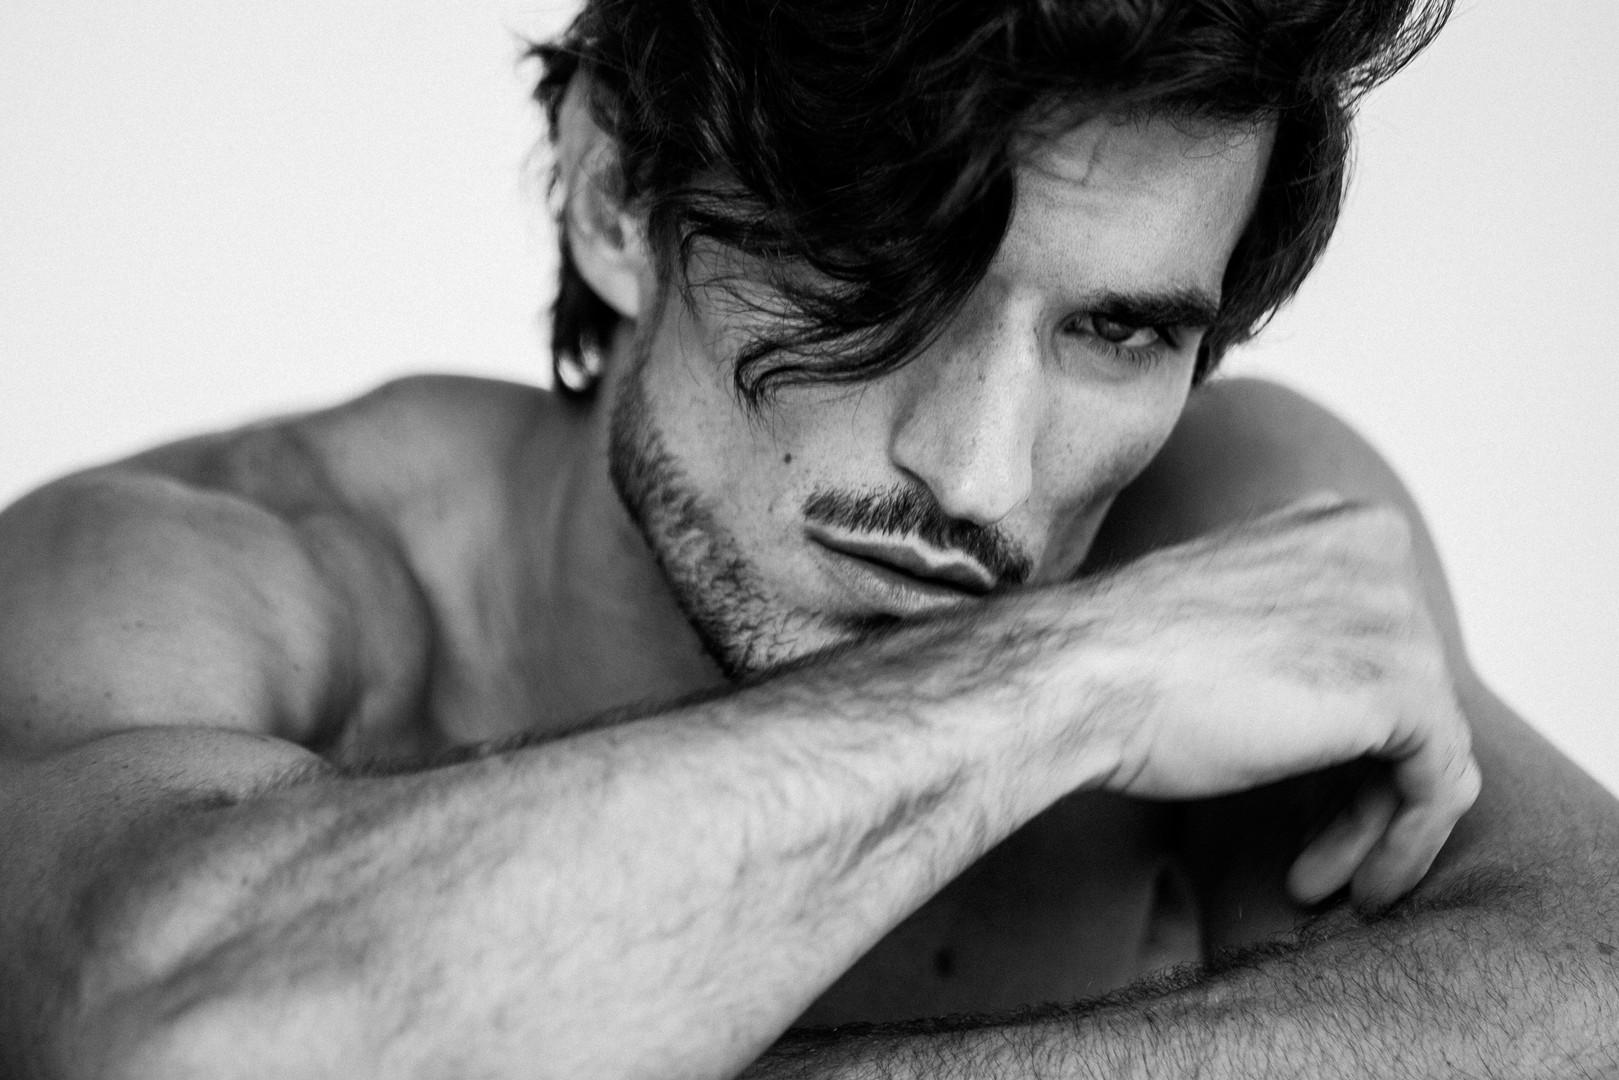 Model Davide Garruti